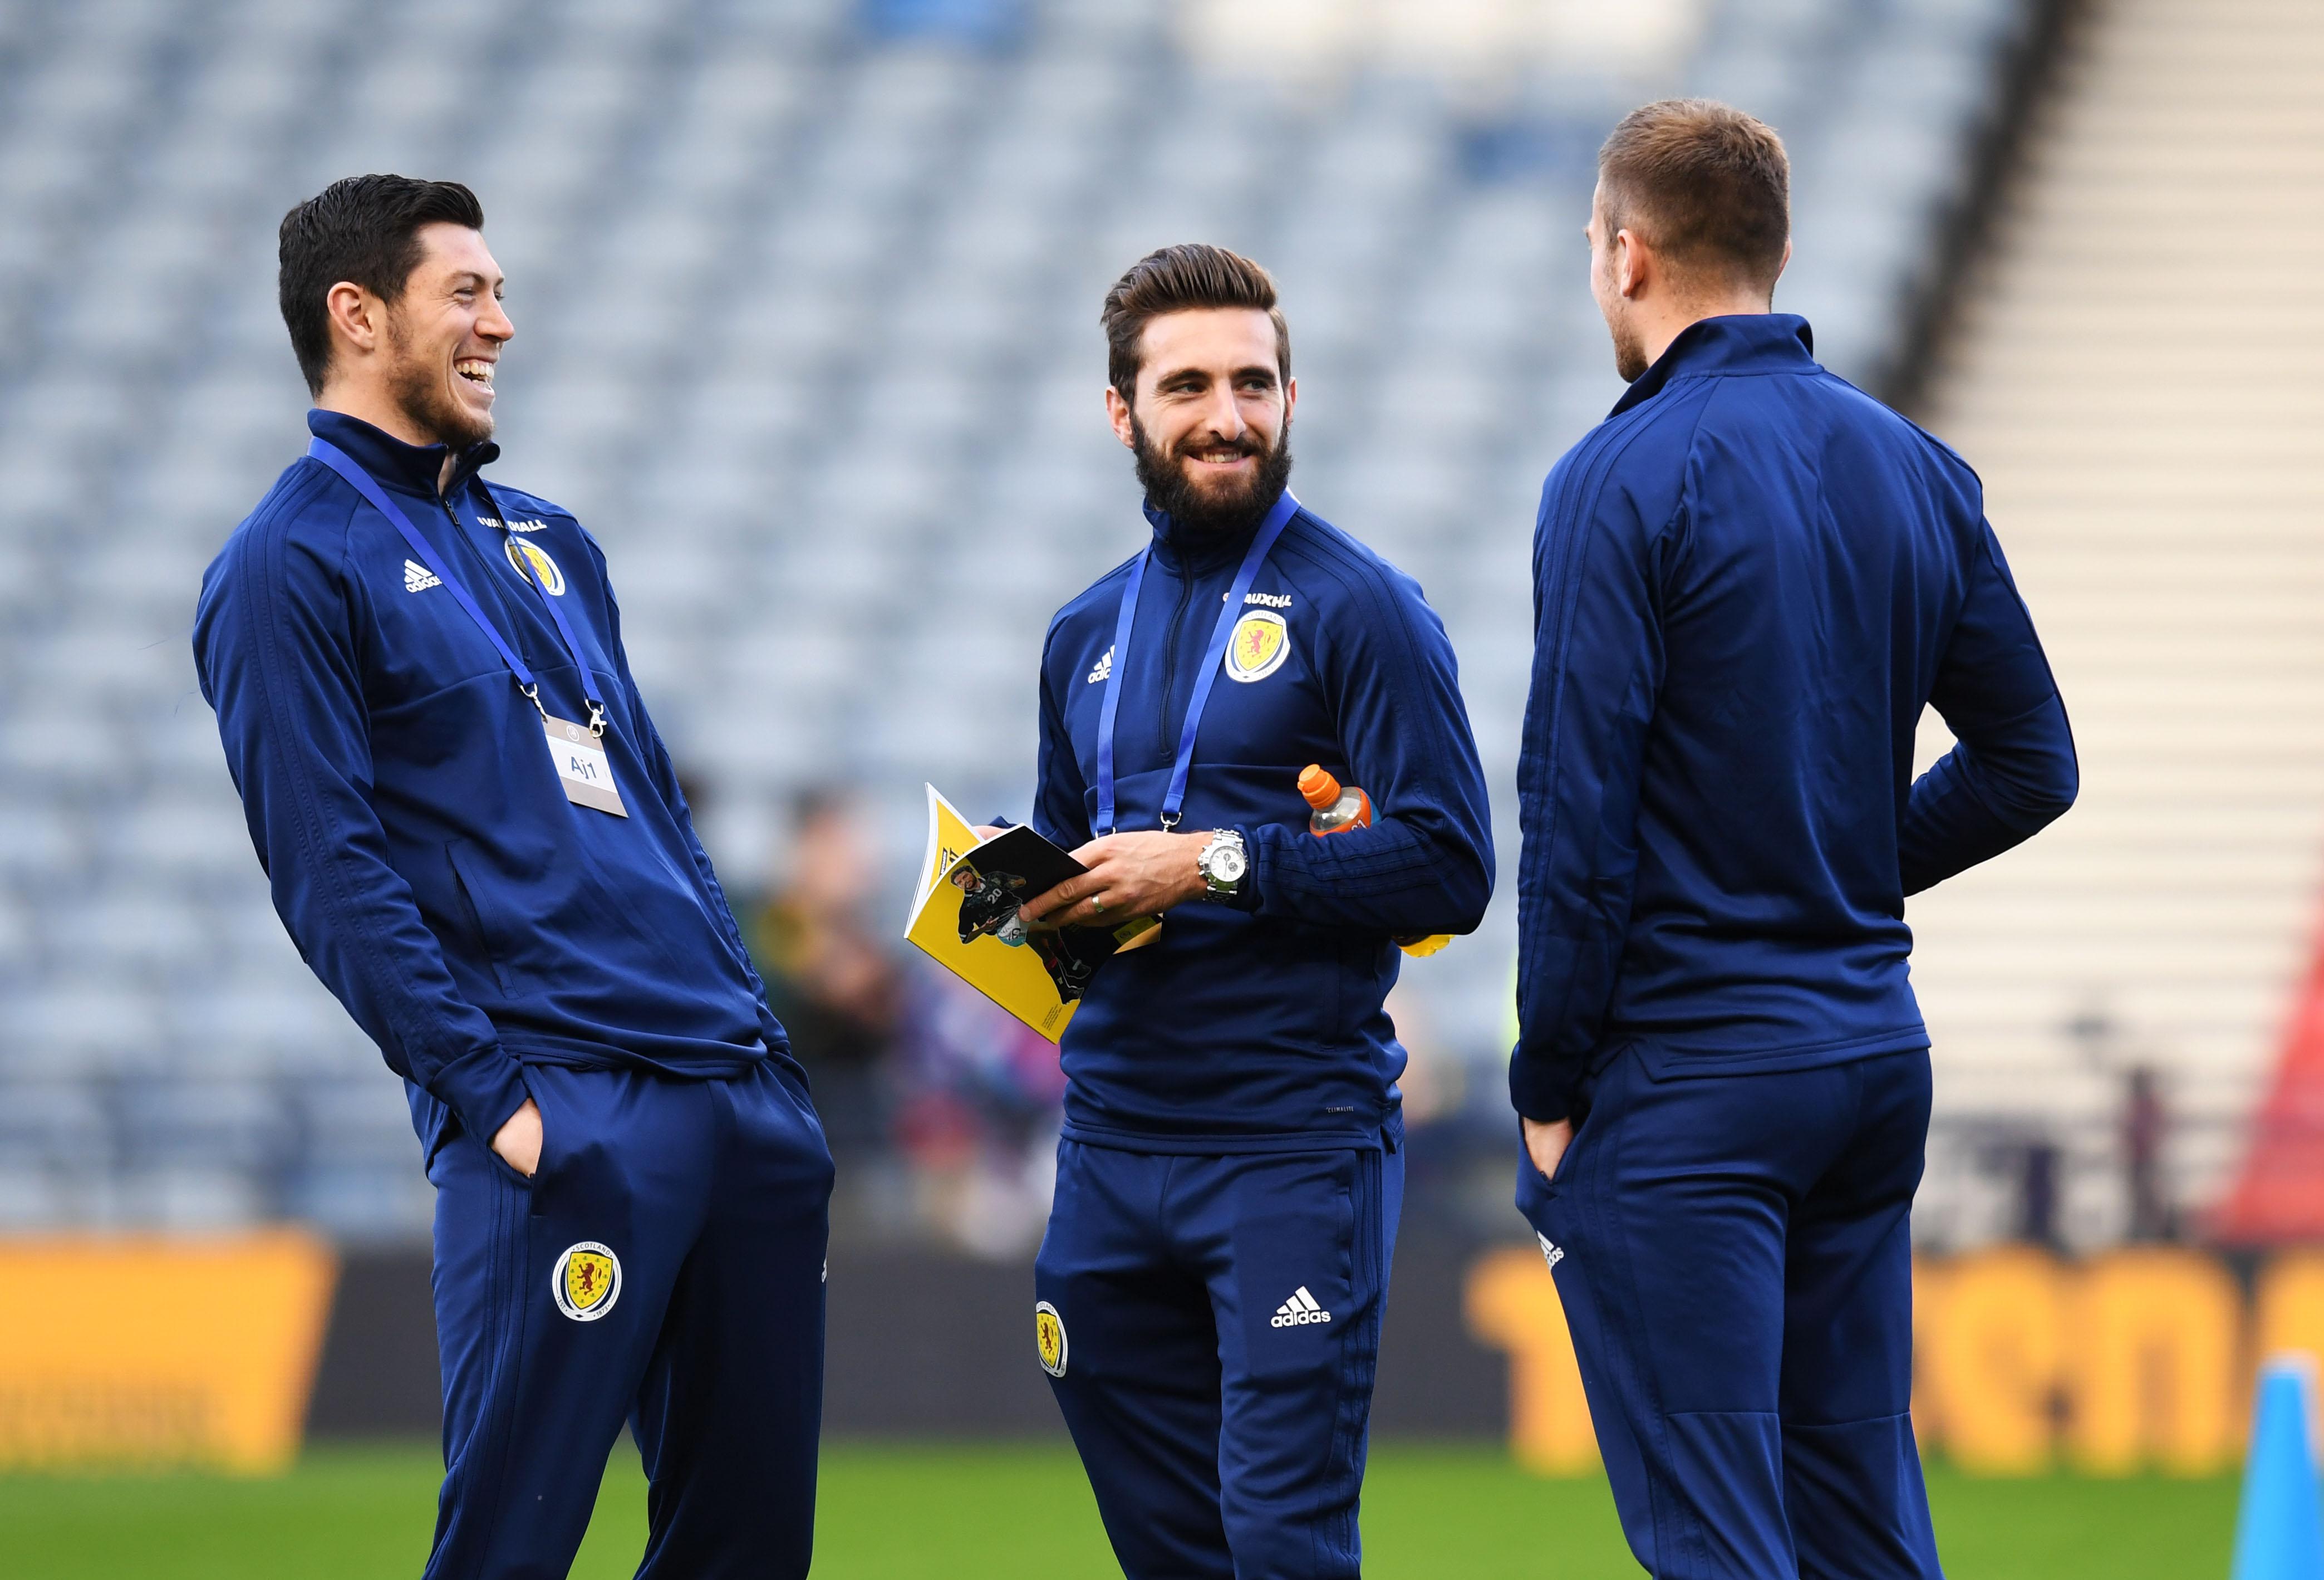 Scott McKenna and Graeme Shinnie are in the Scotland squad.